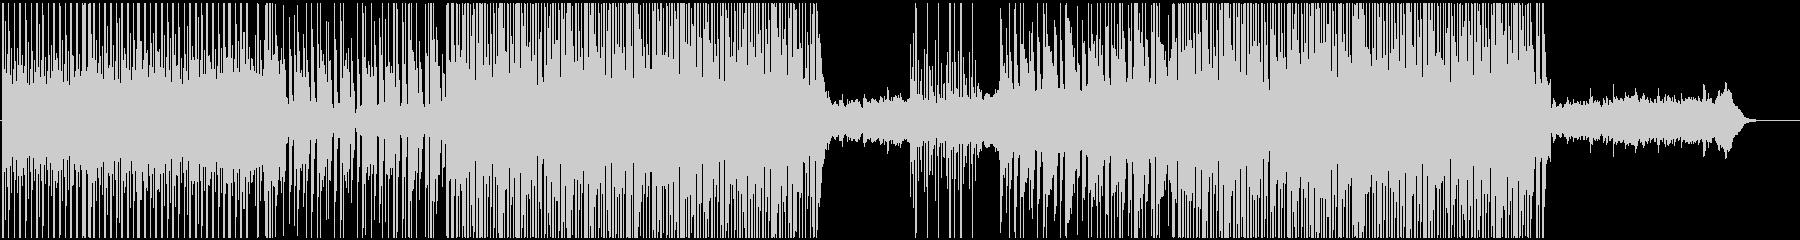 トロピカルでチルいリラックス系ハウスの未再生の波形